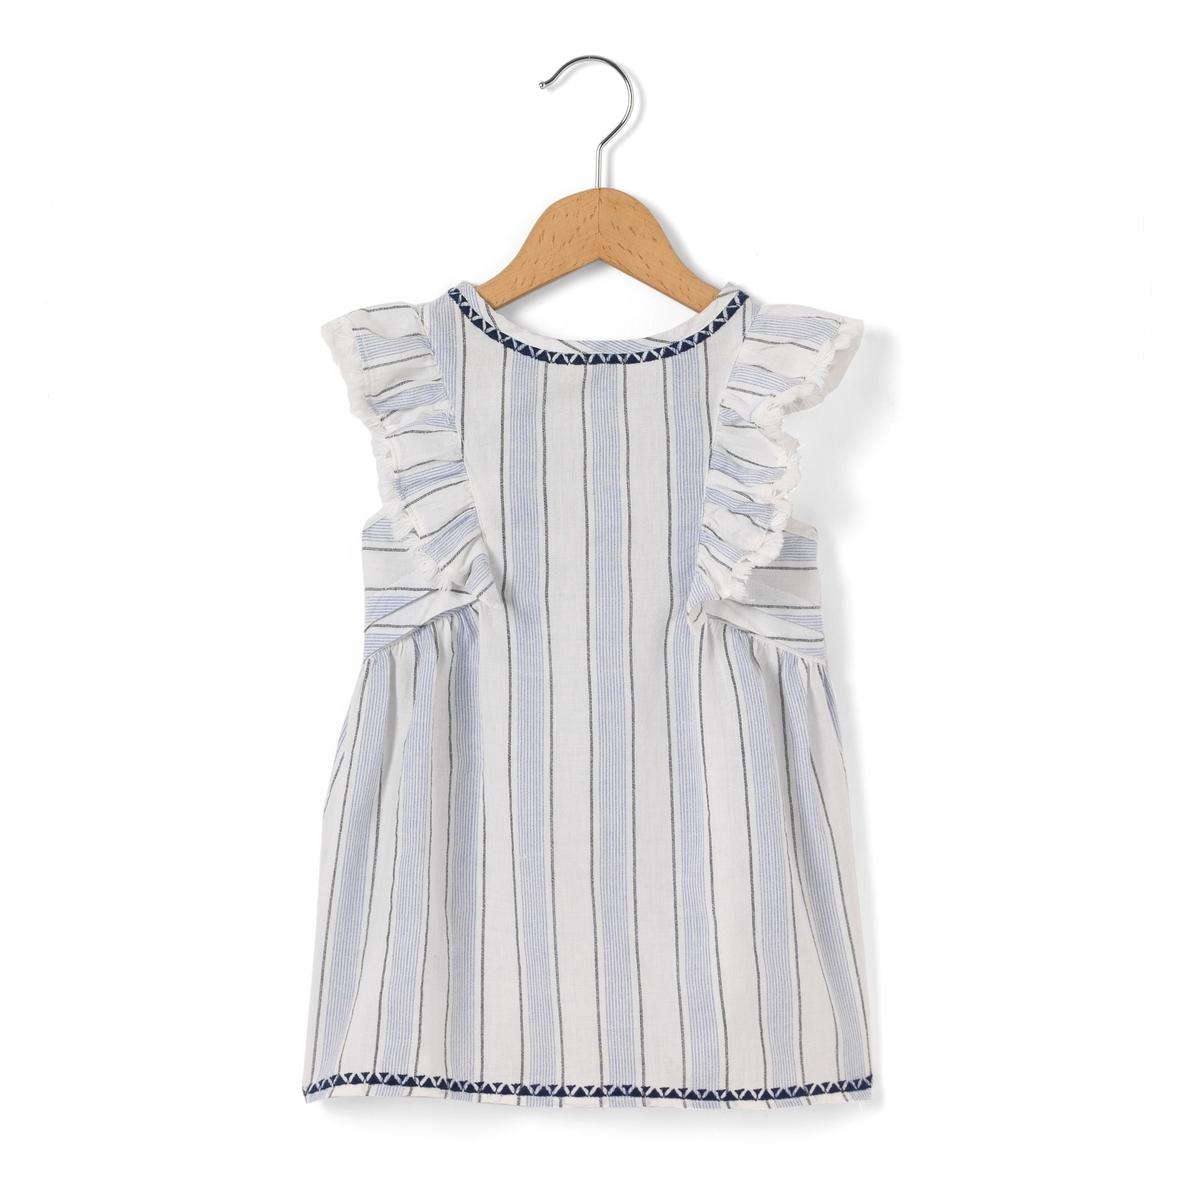 Платье в полоску без рукавов, 1 мес.-3 лет